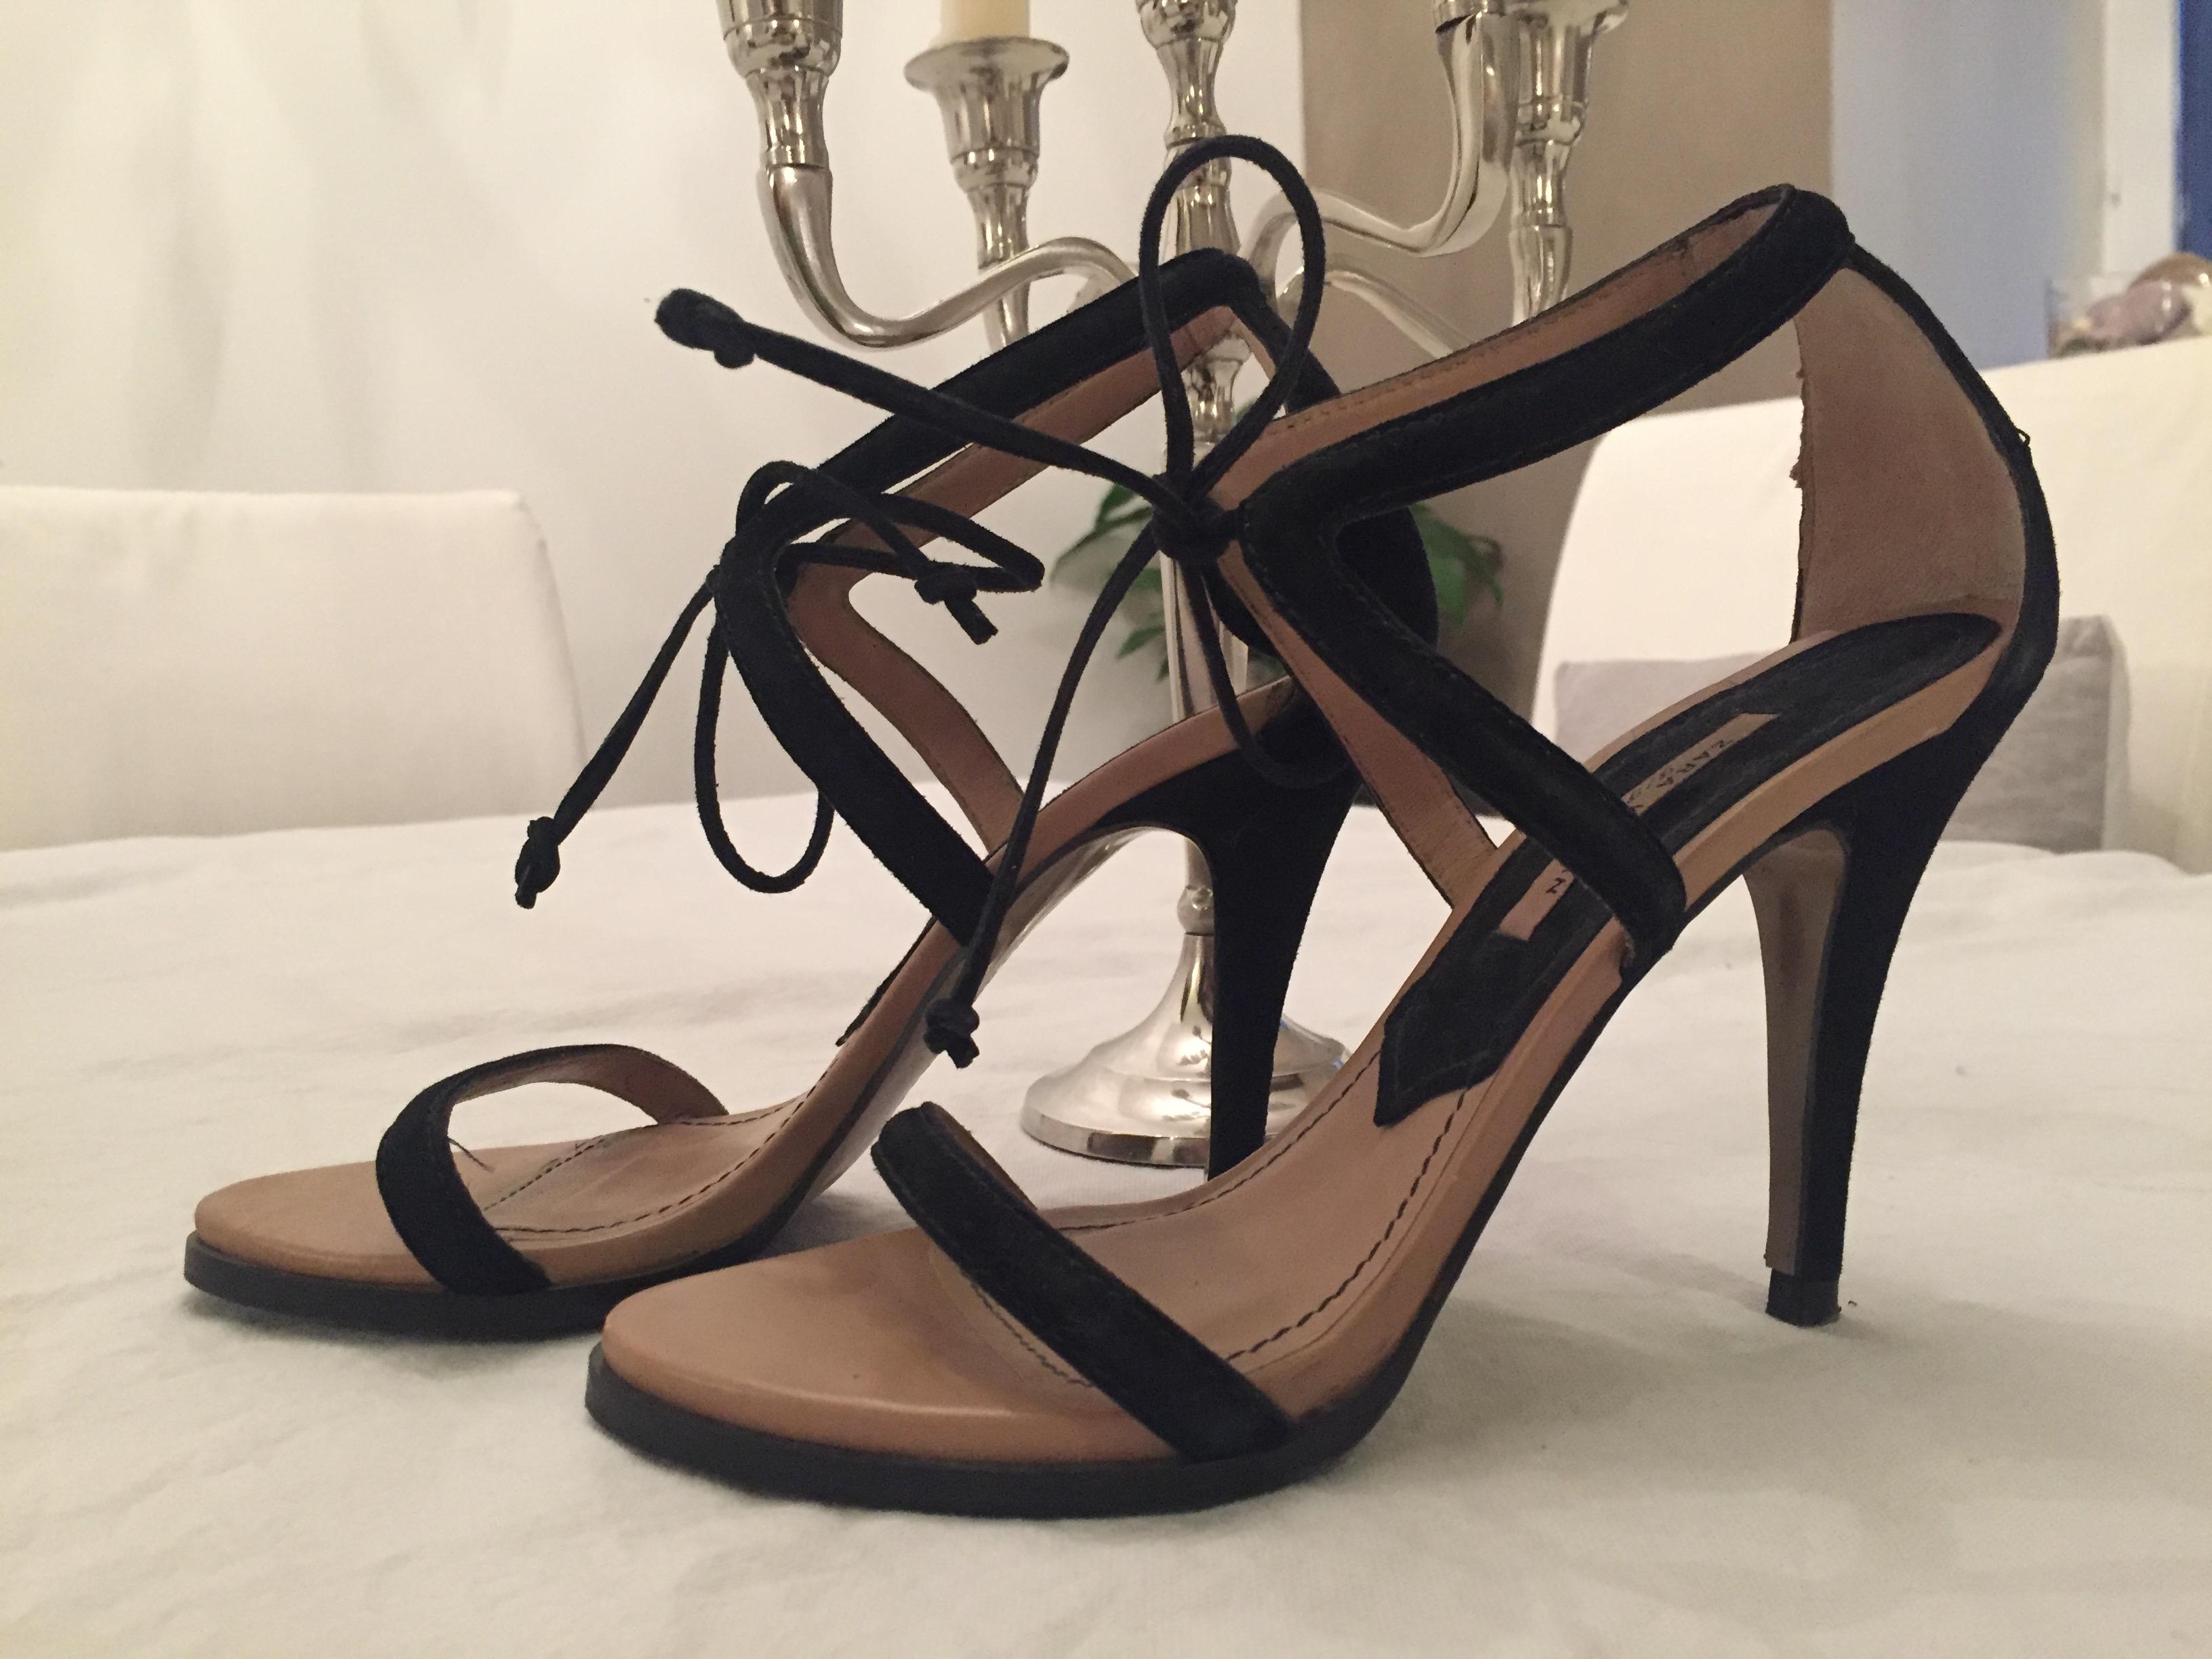 6afaf358ec2db0 Printemps wtEq1a 2015 chaussure chaussure Chaussures 2014 Zara Ete twTUP